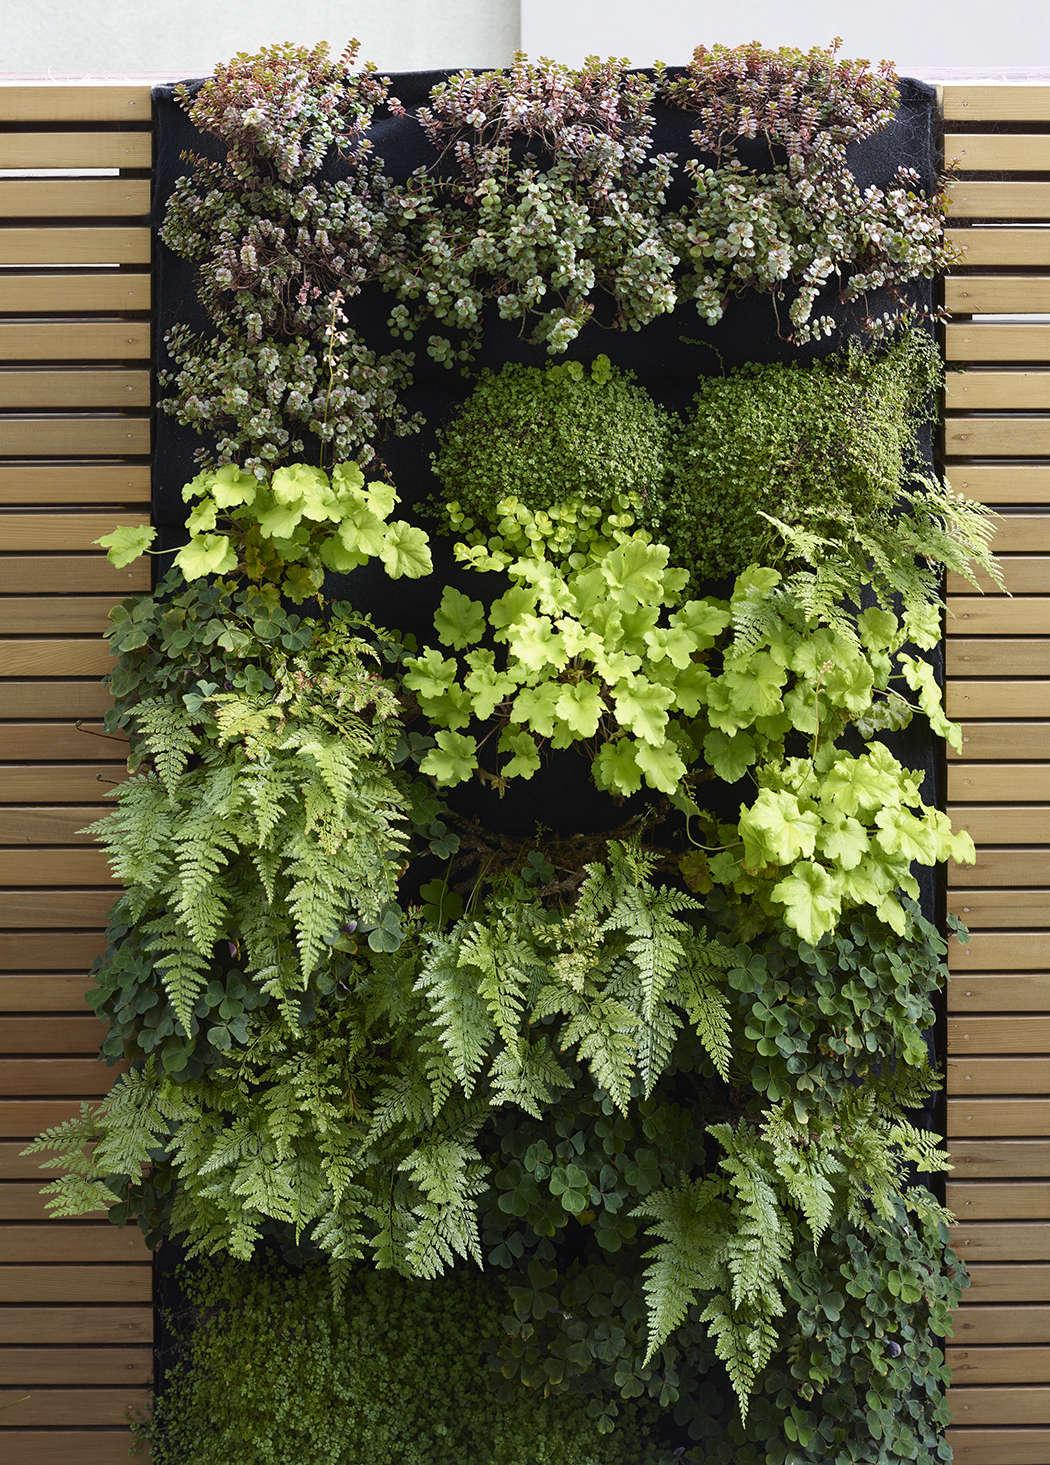 A closeup of a green wall designed by Monica Viarengo